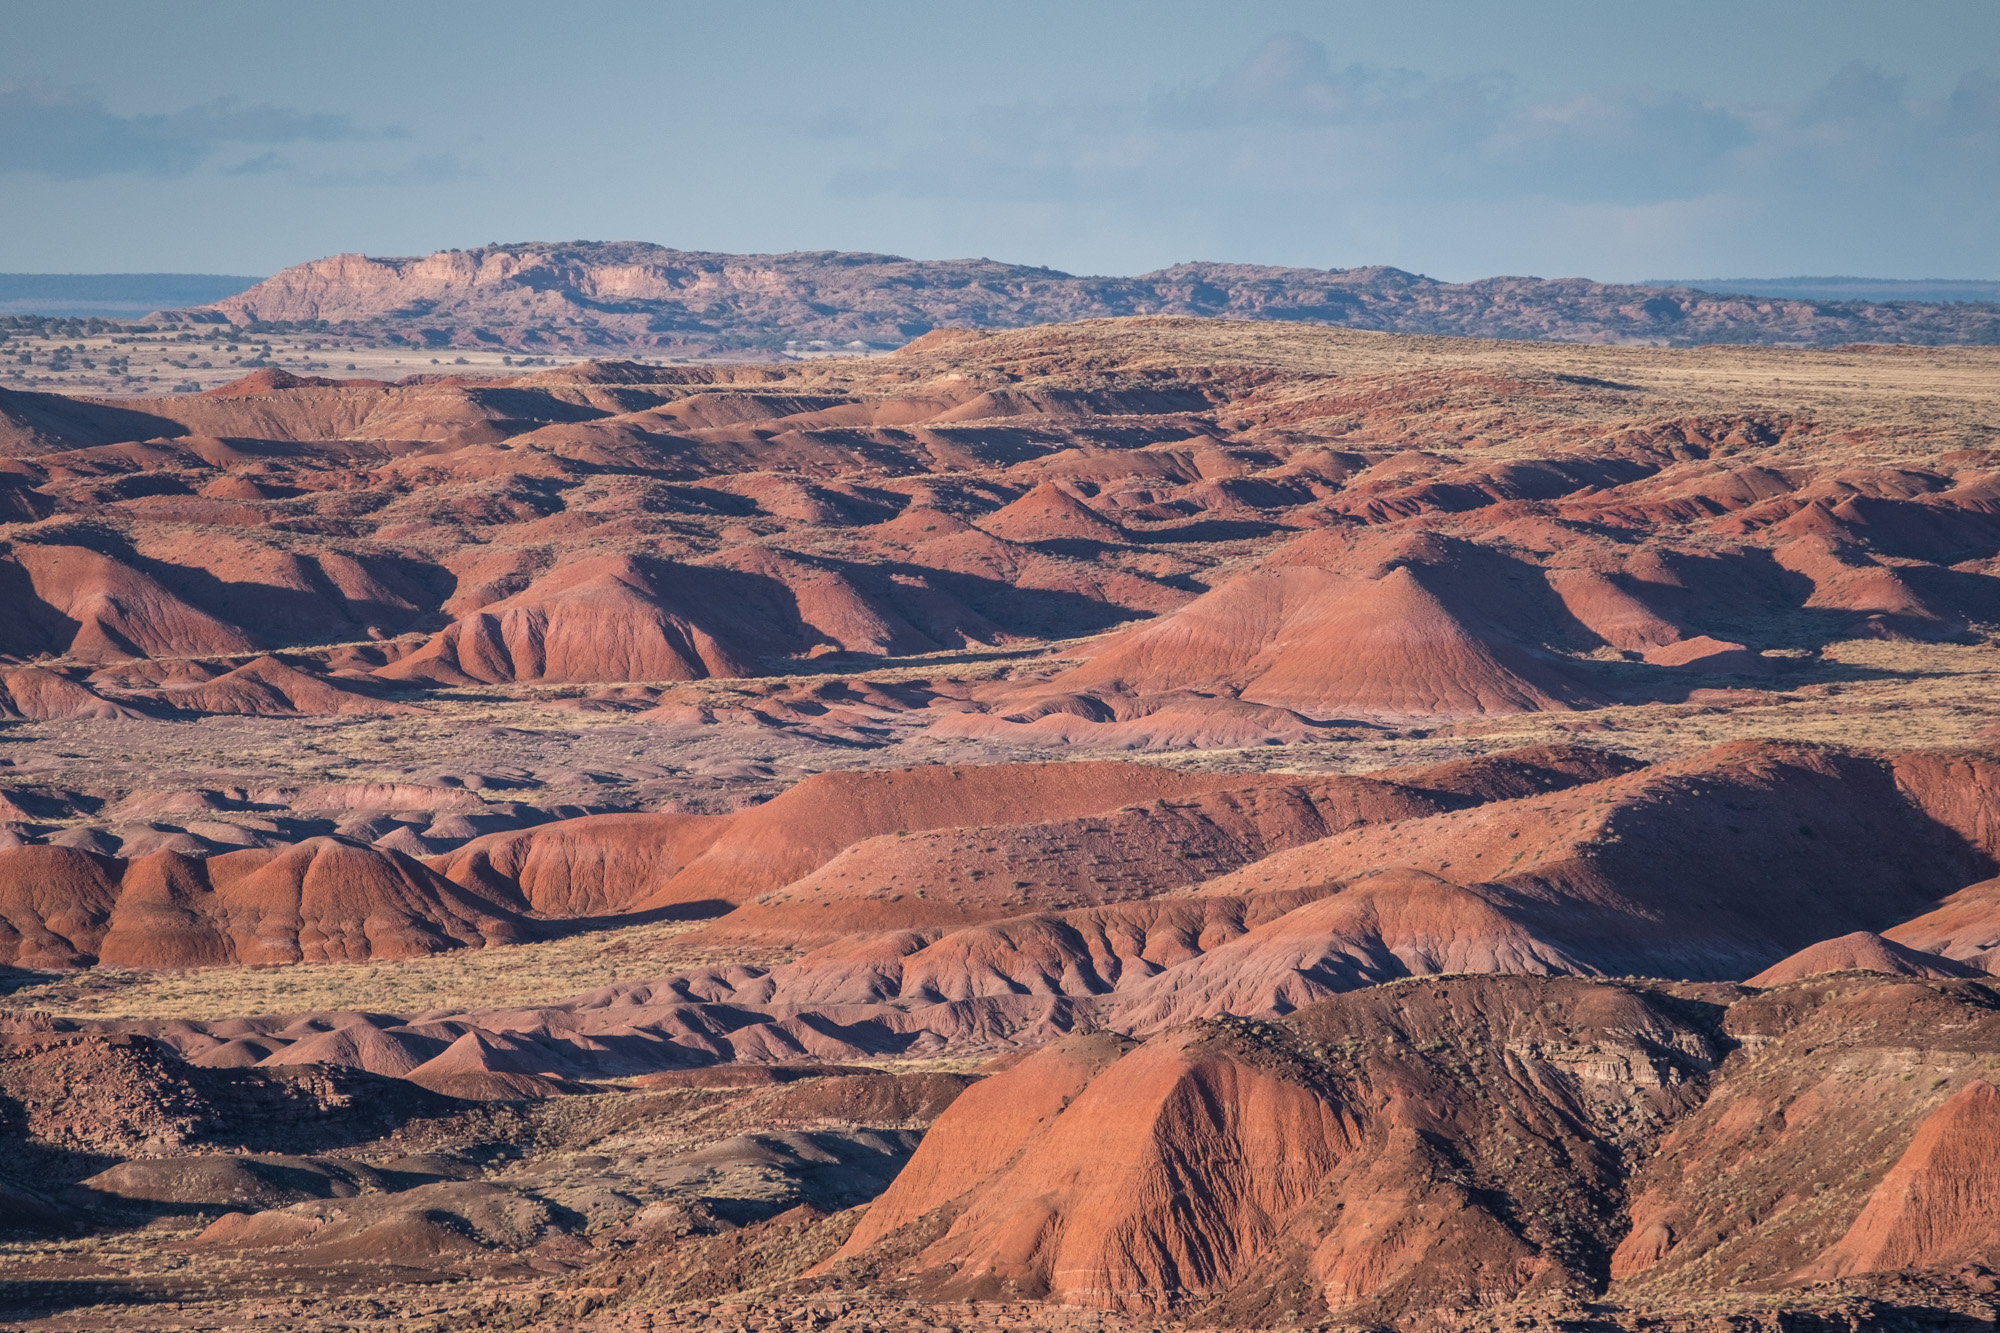 The famed Painted Desert.